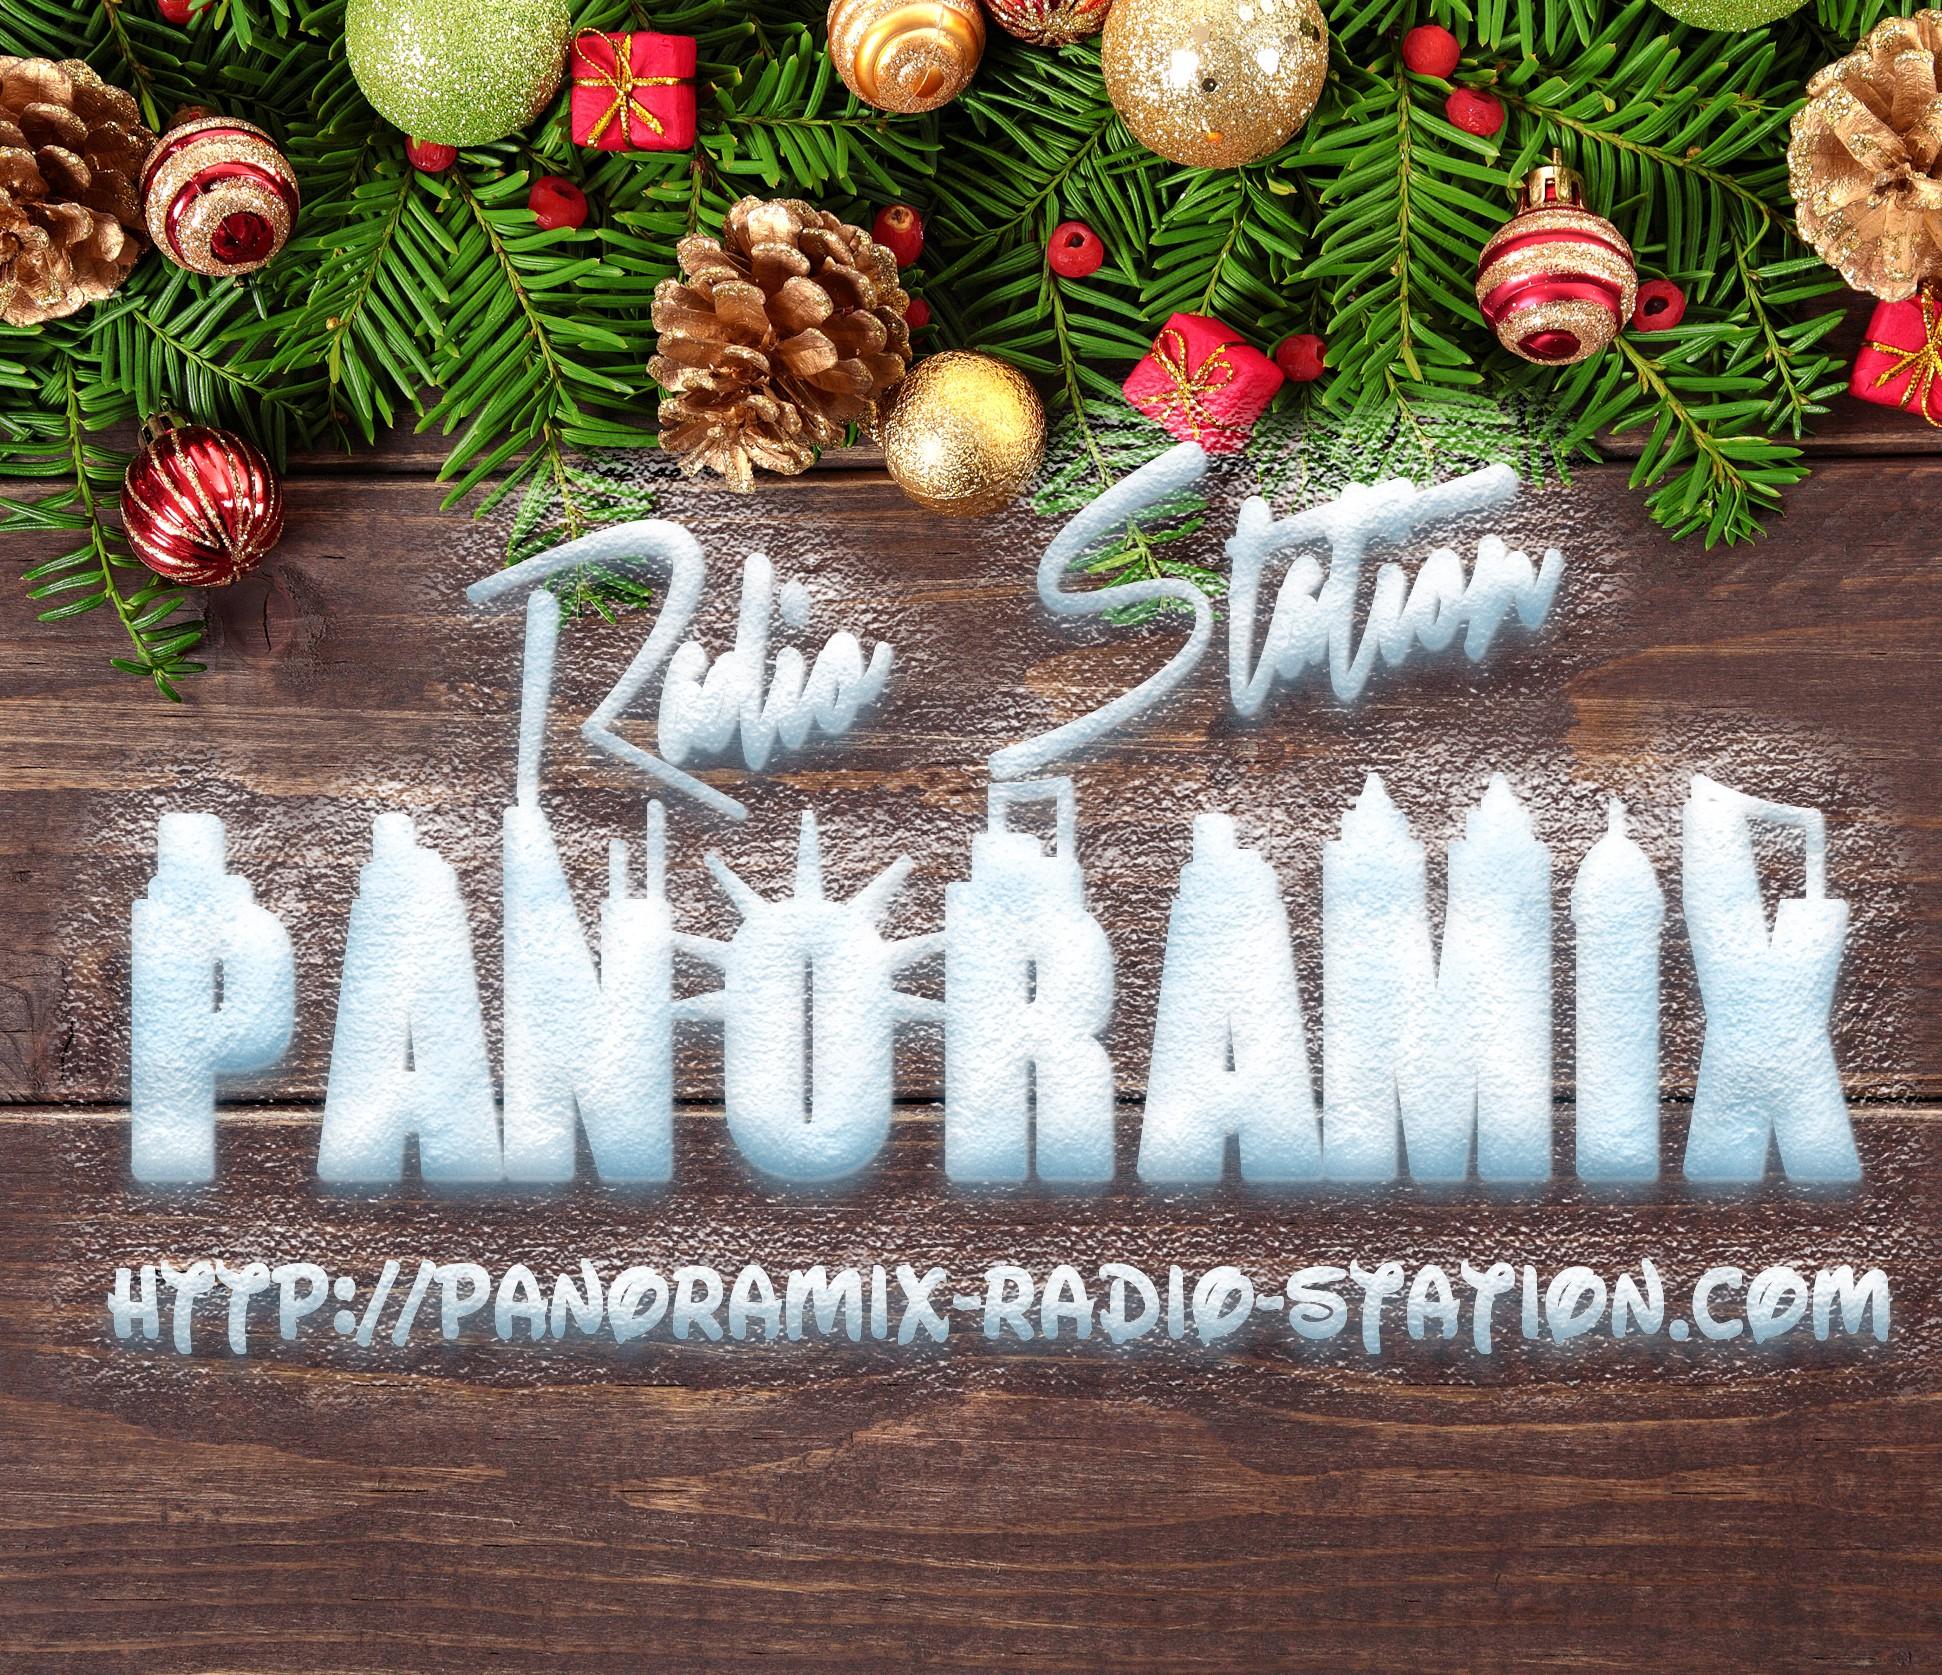 http://panoramix-radio-station.com/wp-content/uploads/2017/11/panoramix-noel.jpg